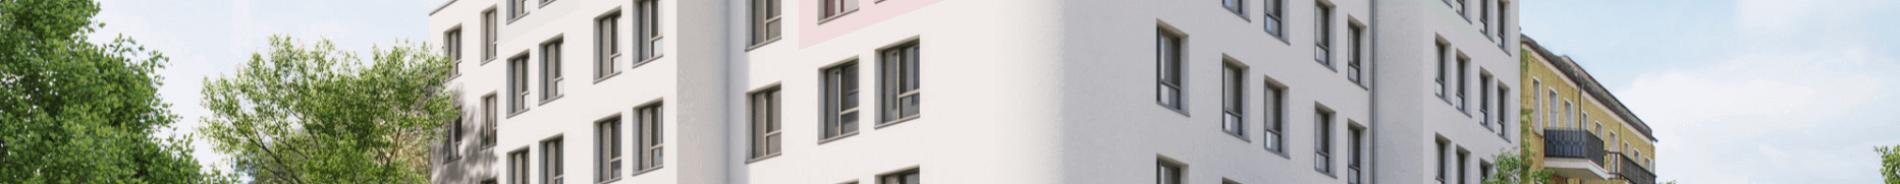 Mockup einzelnes Haus Flatfinder